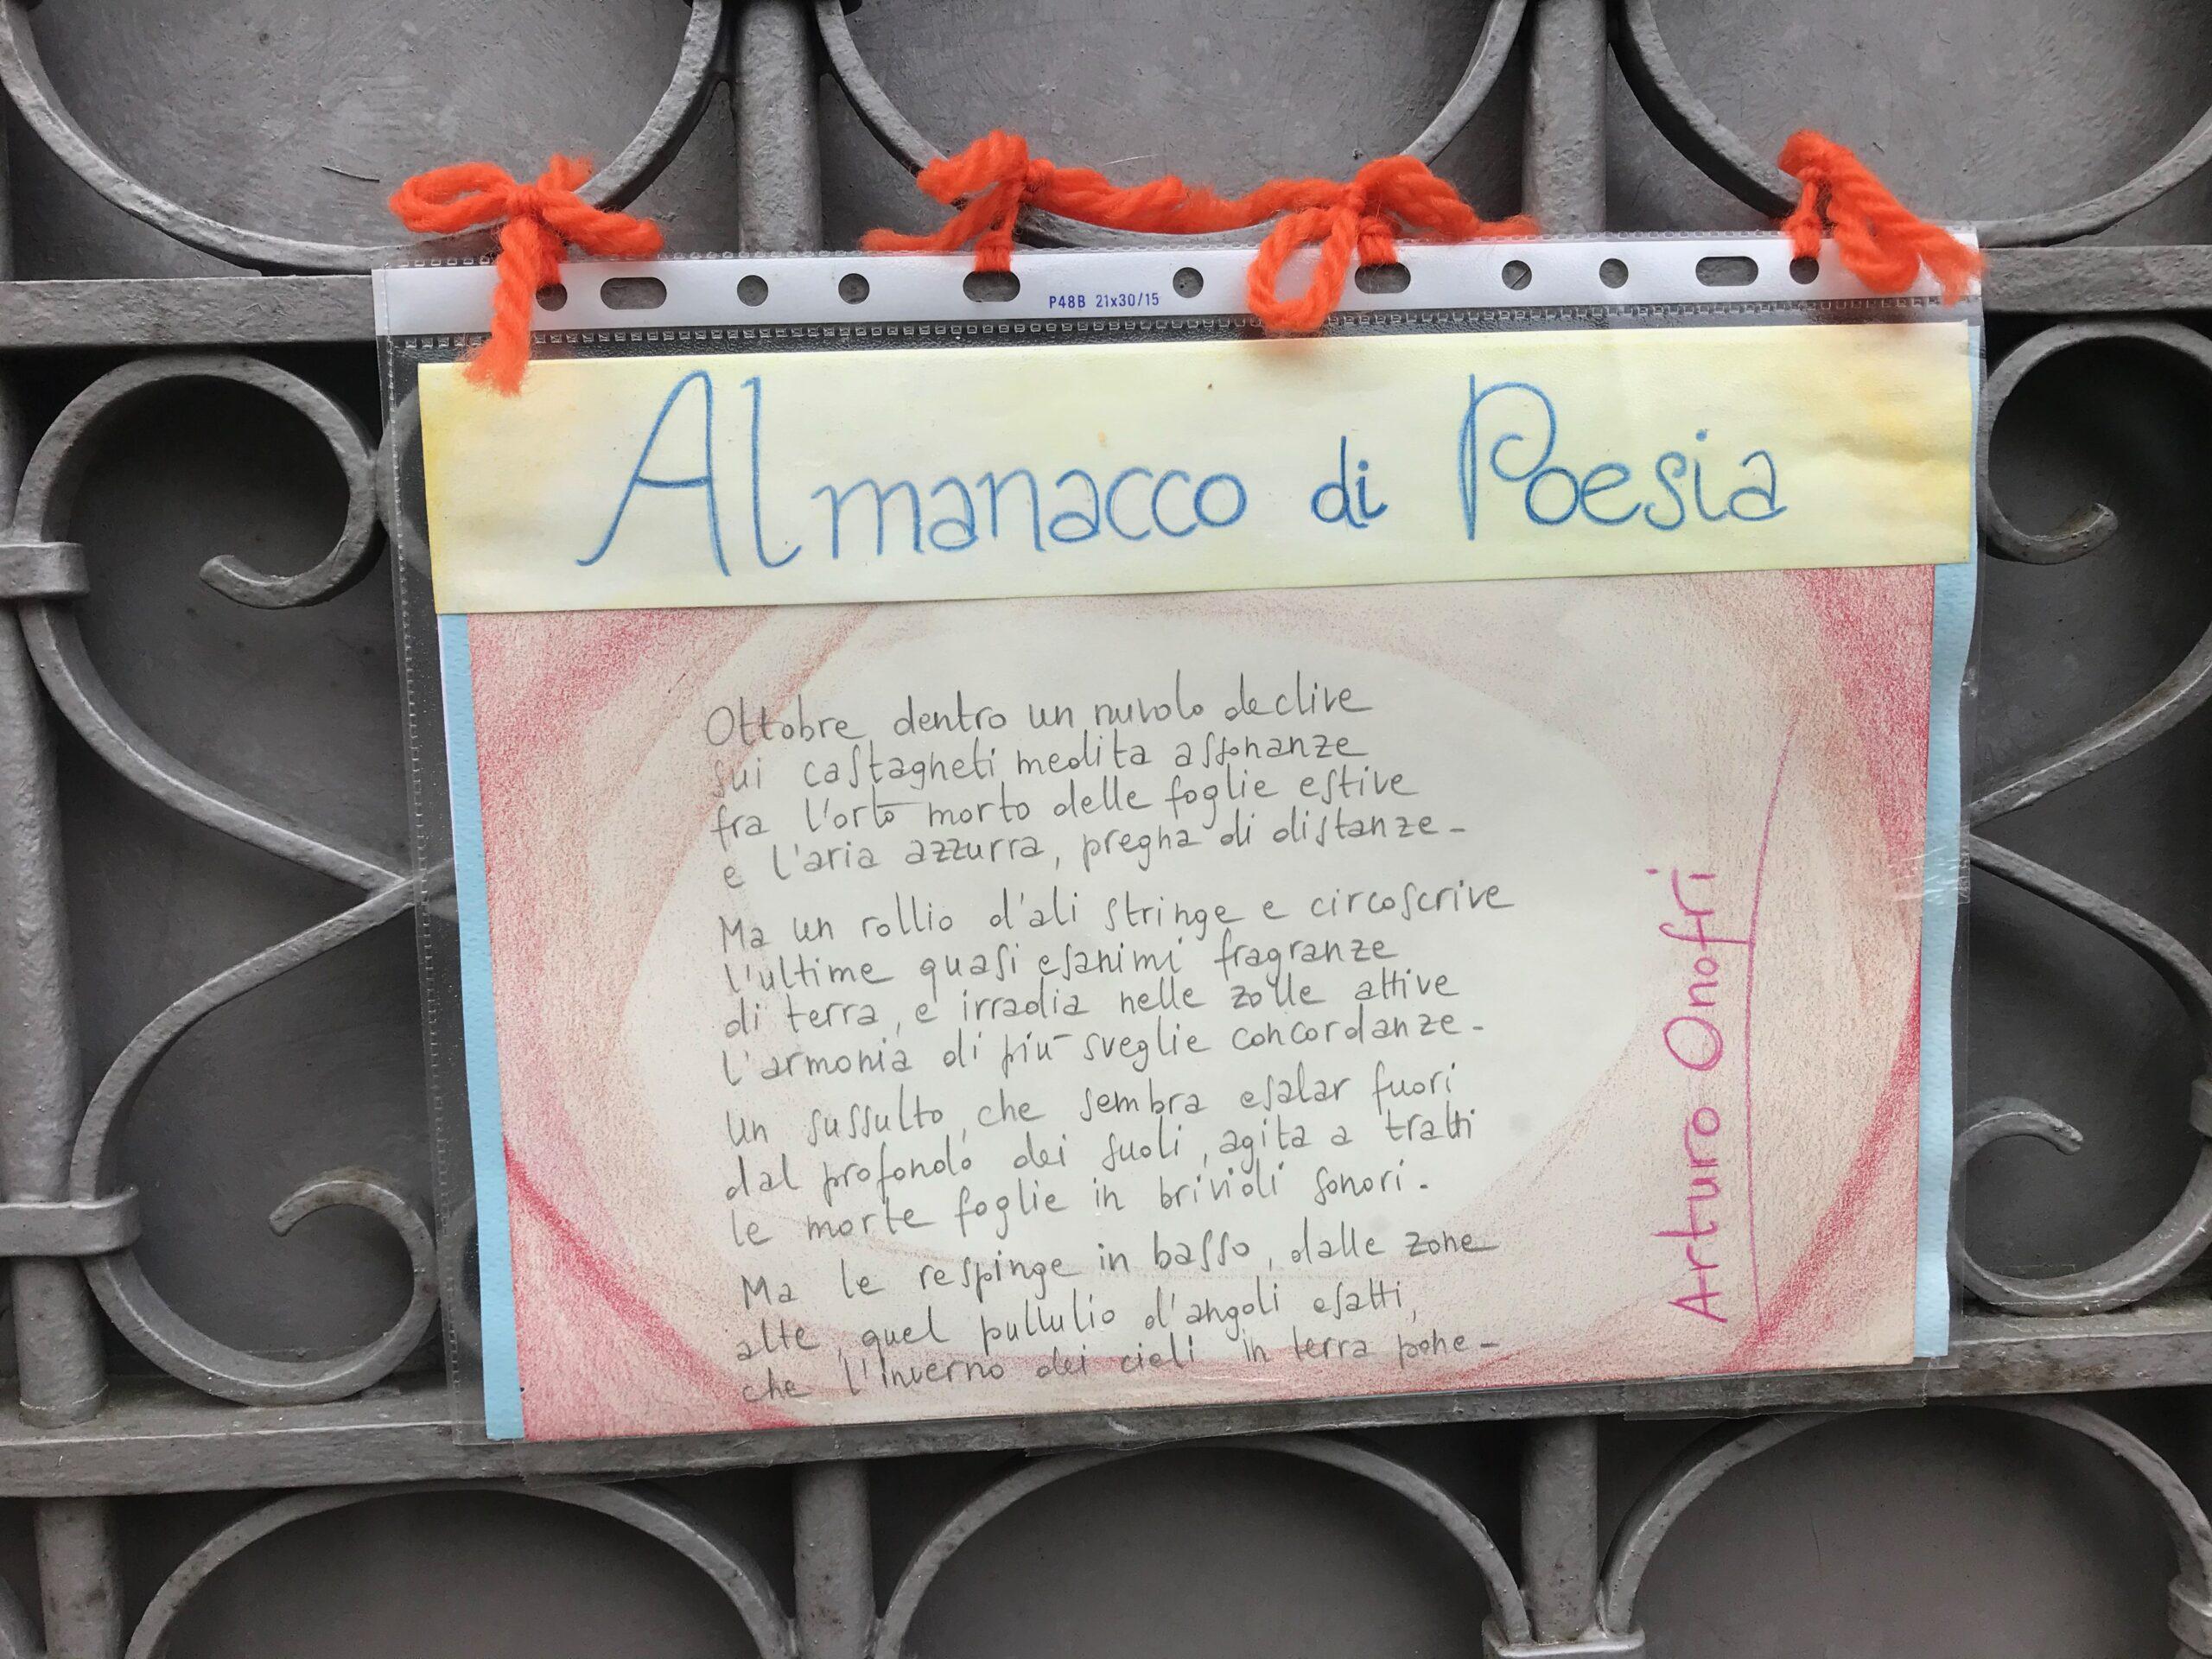 Una poesia sulla porta di casa, l'idea di un cittadino di Via Verdi. Perché non lo imitiamo?